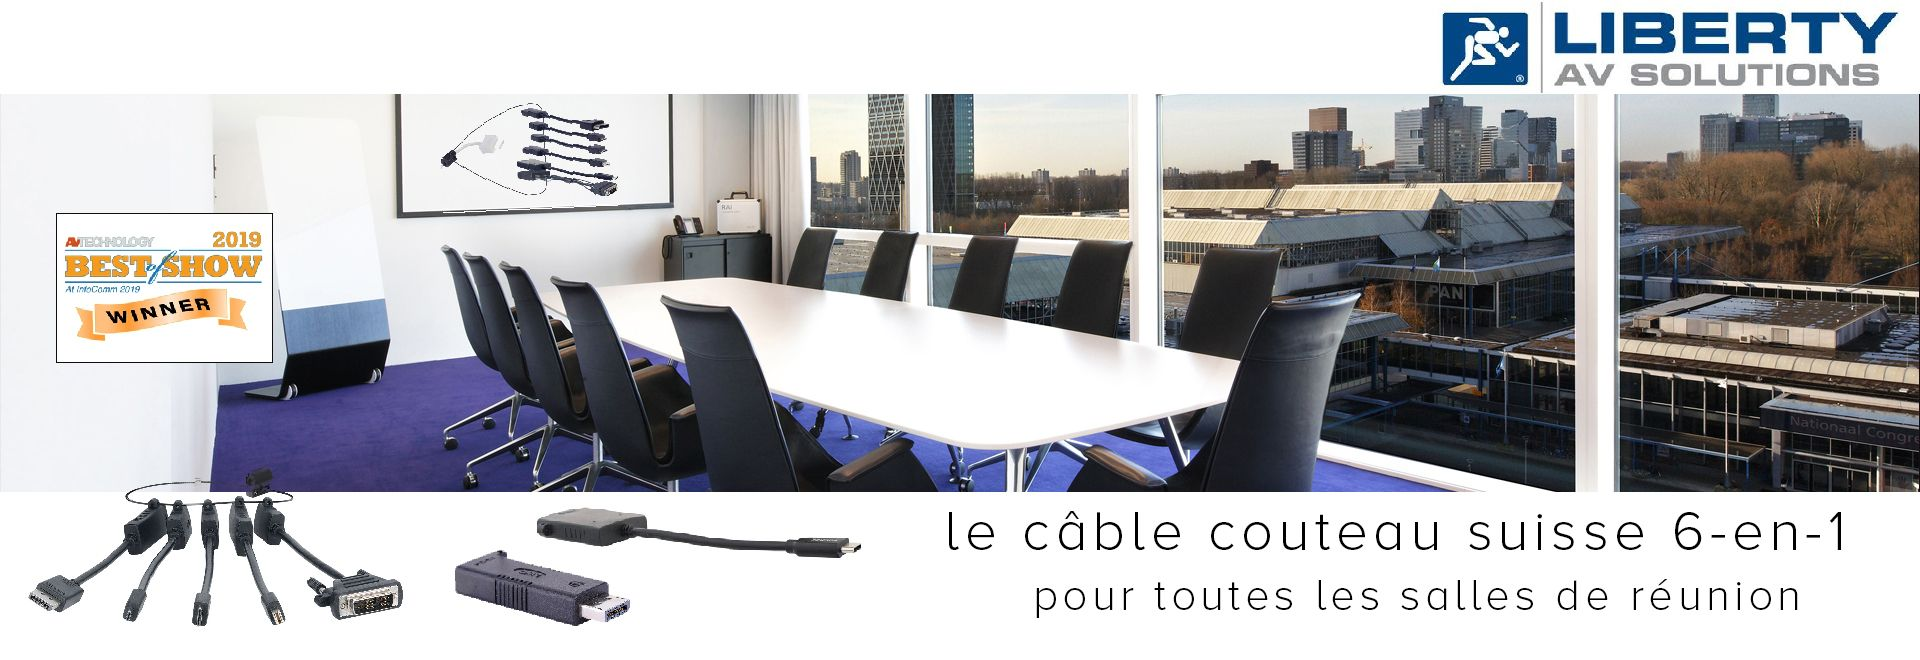 le câble couteau suisse 6-en-1 pour toutes les salles de réunion